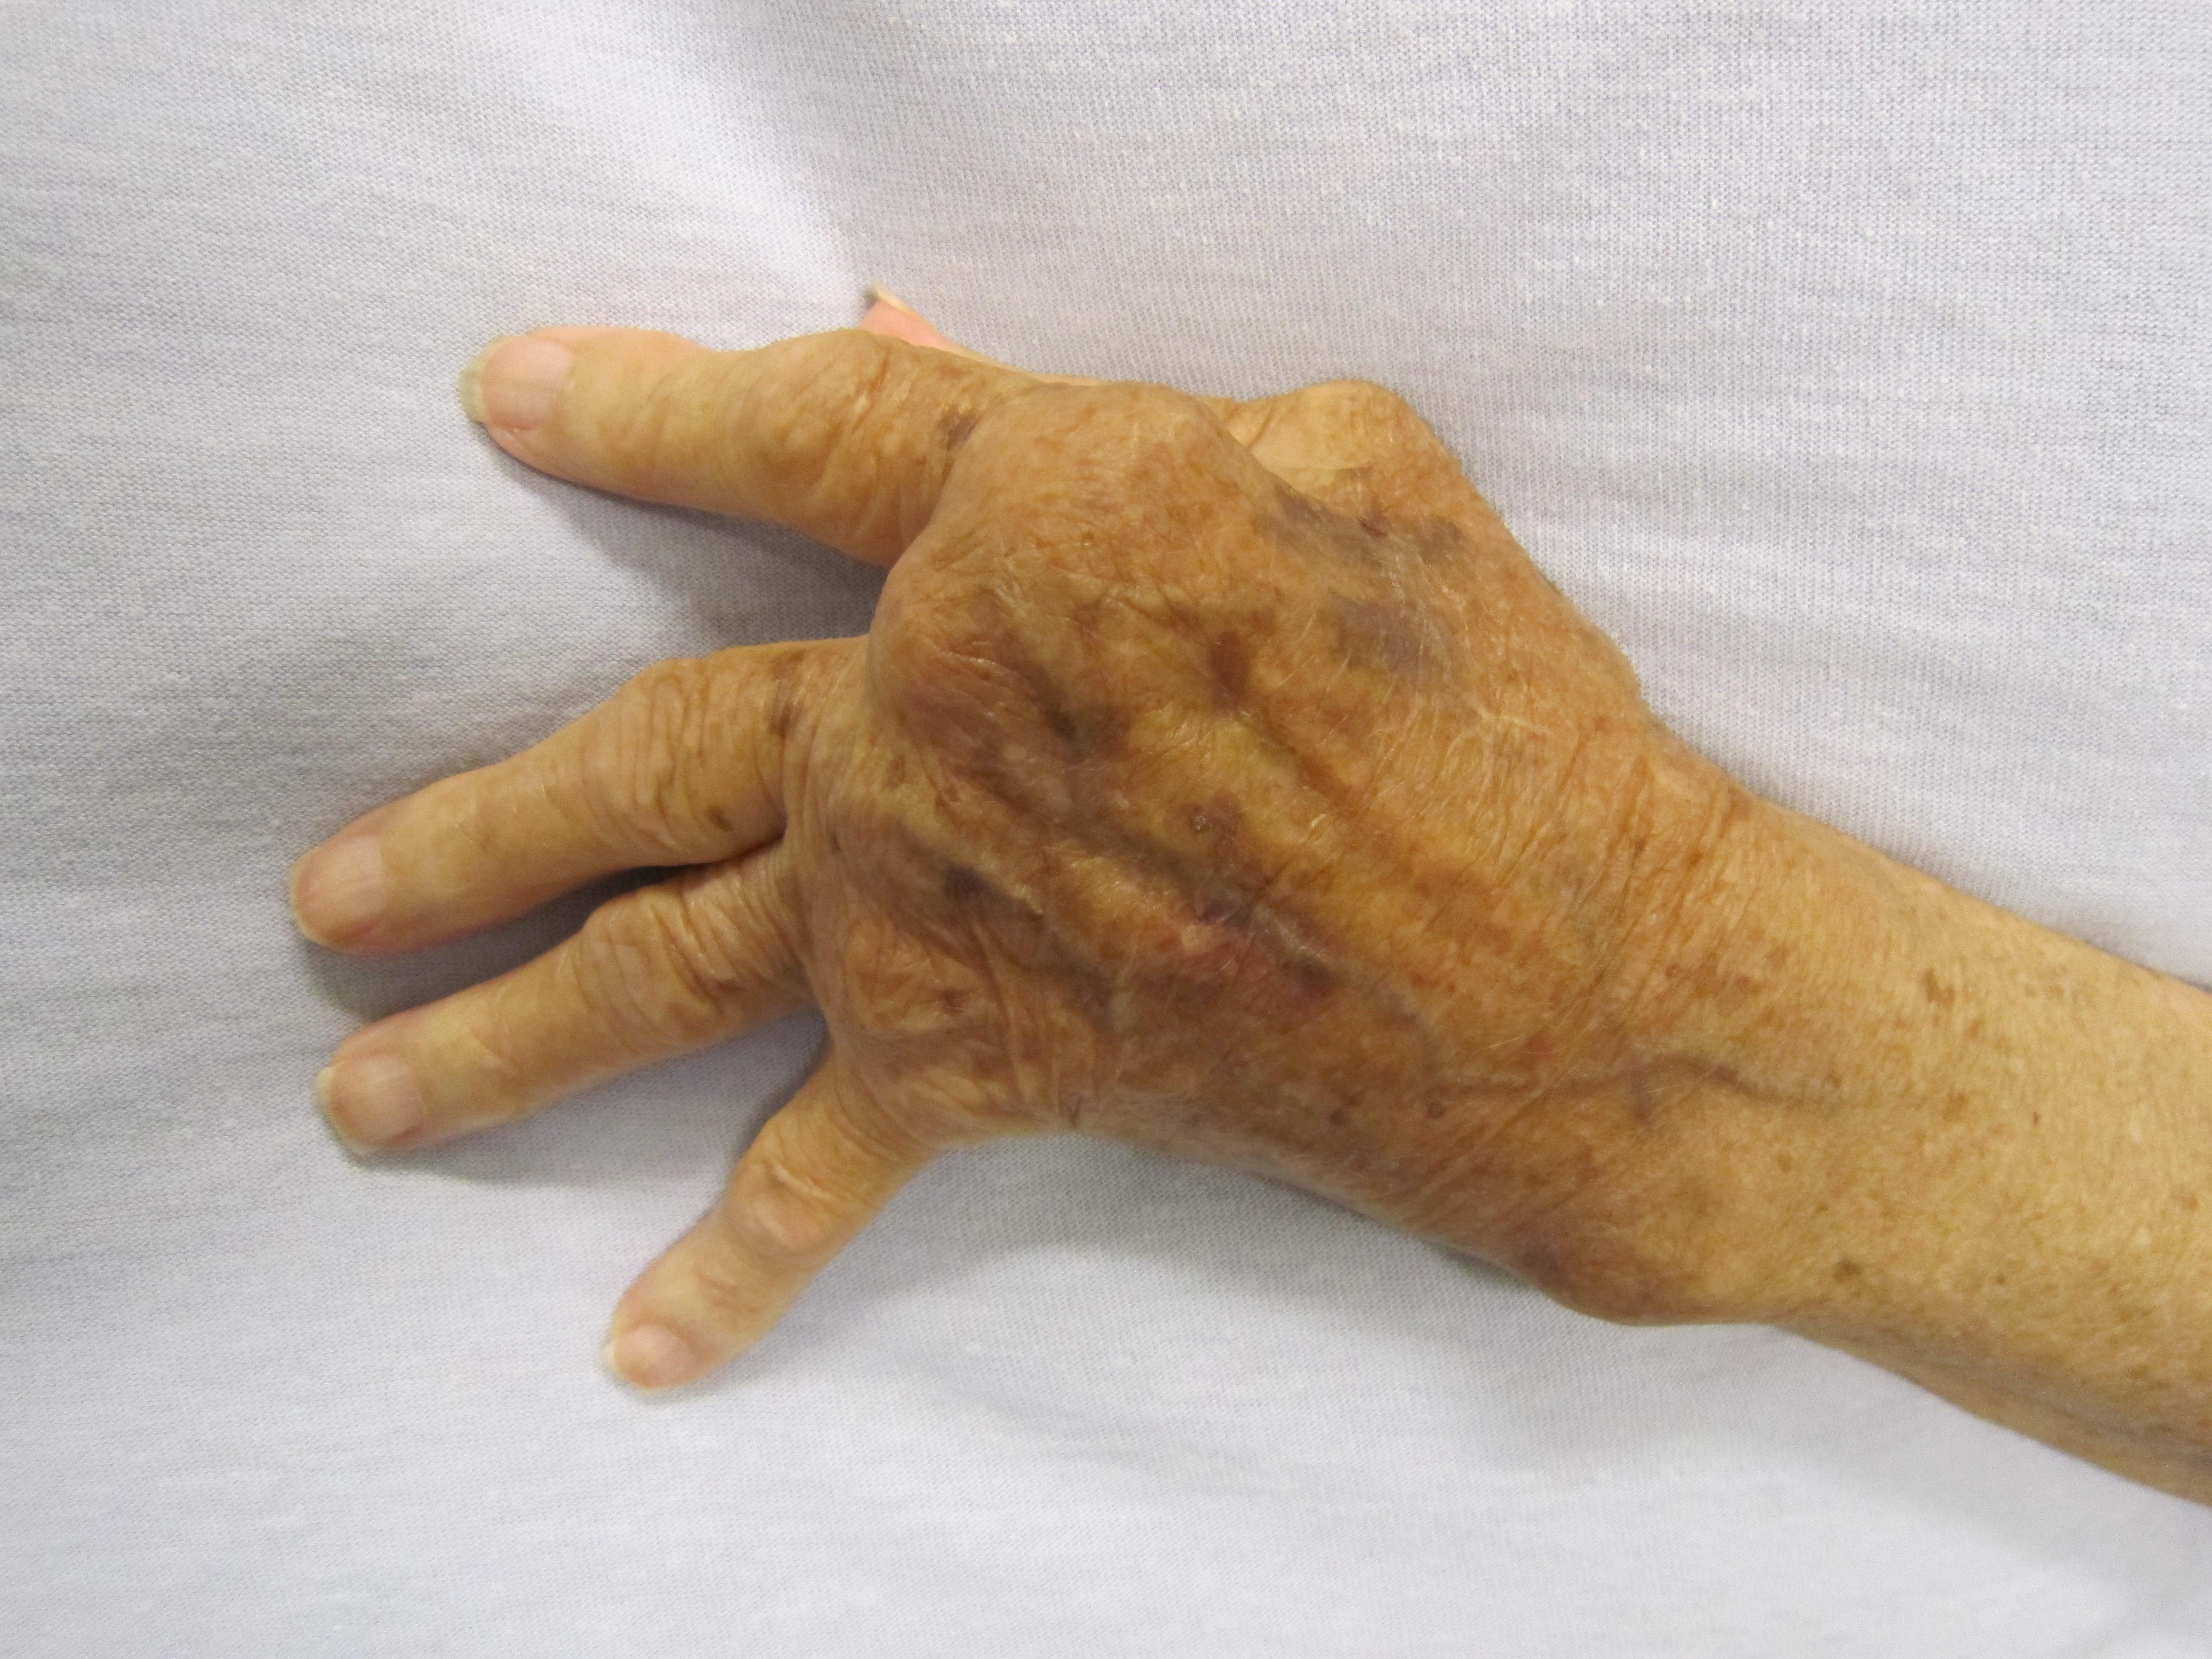 fórum artrózis orvosok számára hogyan kell kezelni az ujjak ízületeit